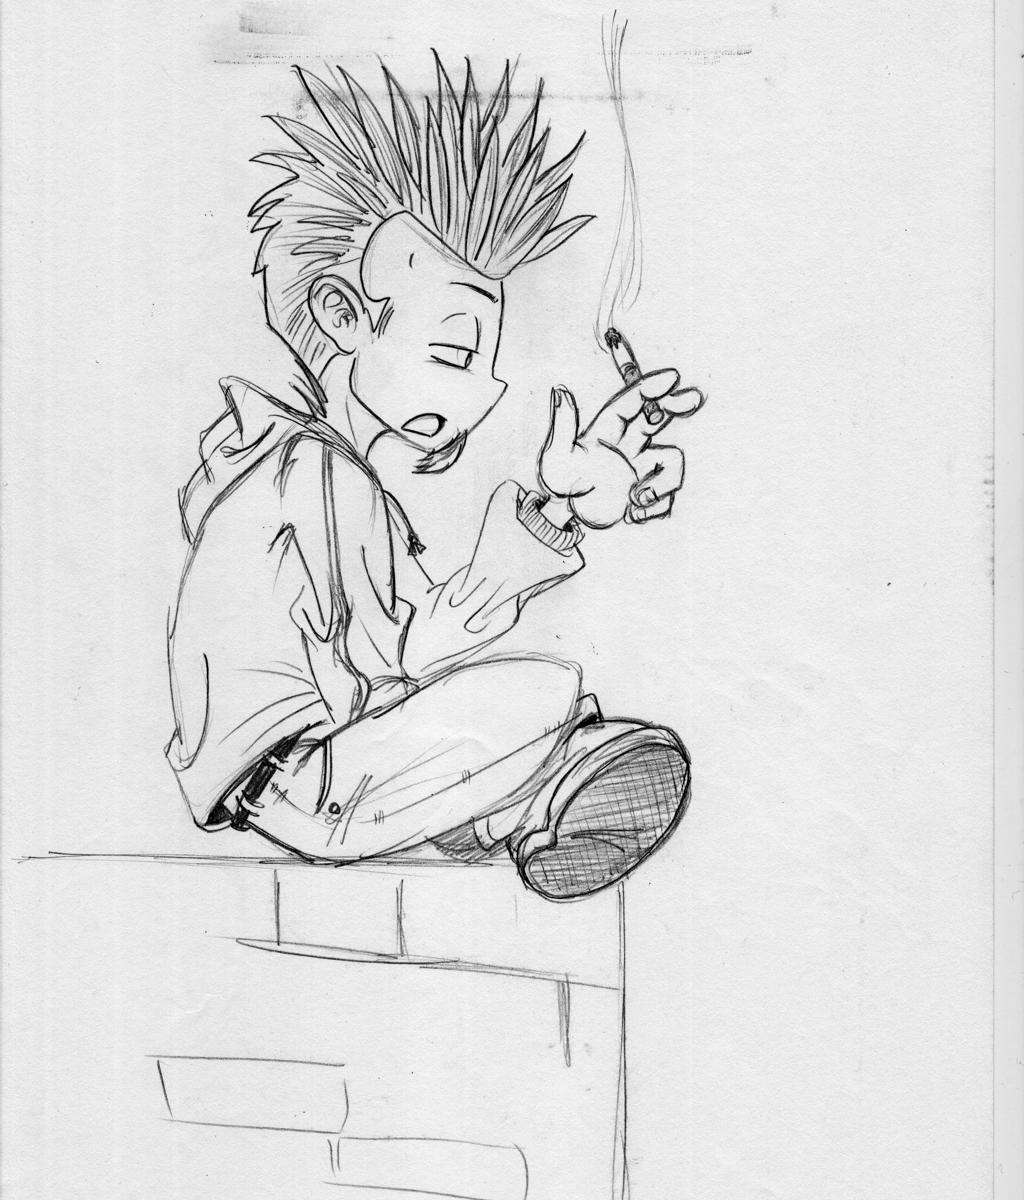 illustration illustrateur Jean-Baptiste MUS Toulon croquis dessin 2001 04